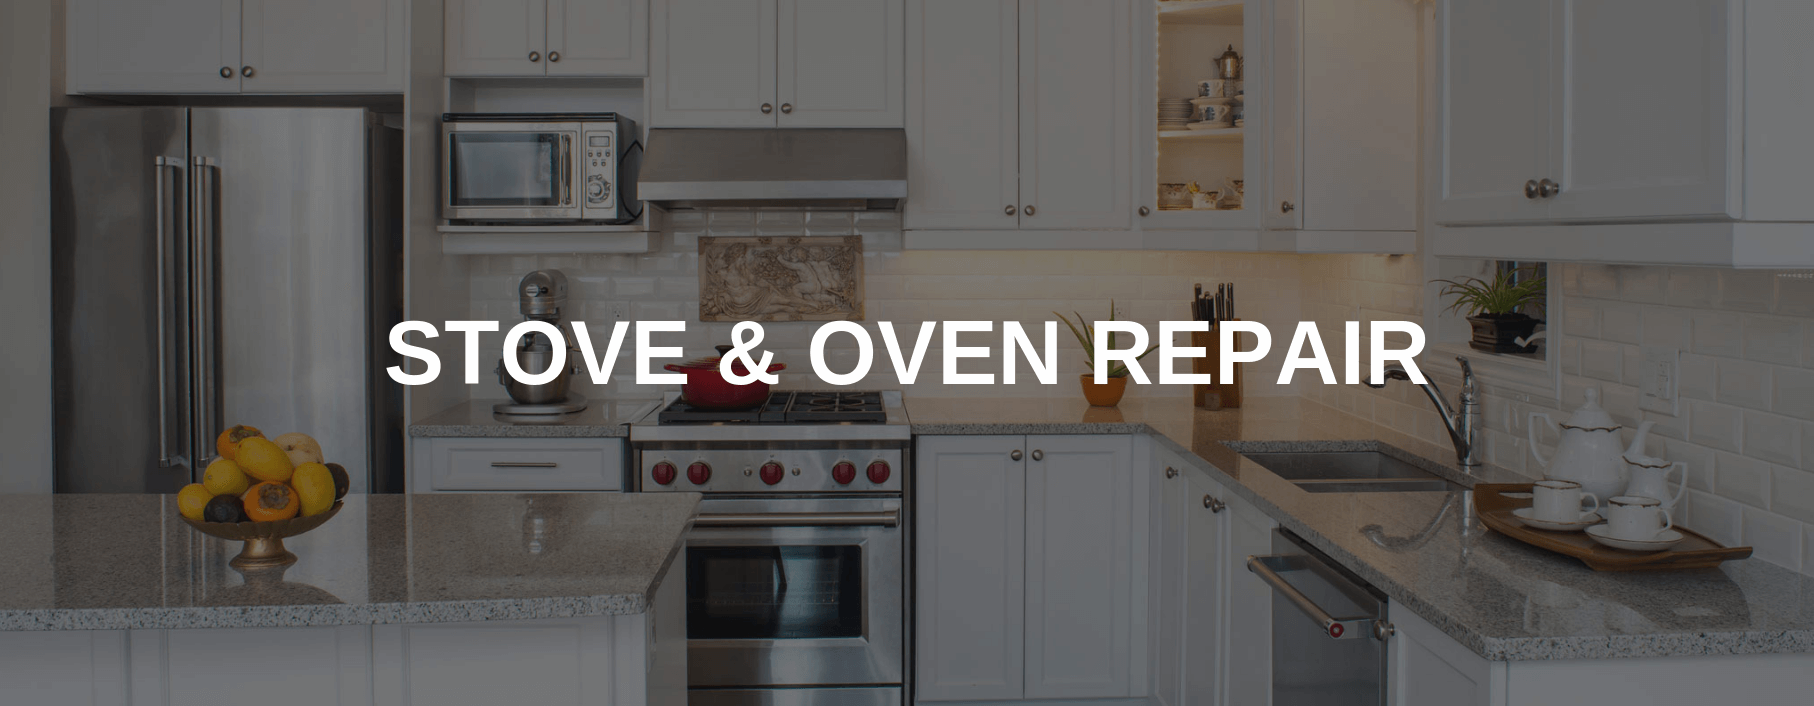 stove repair oakland